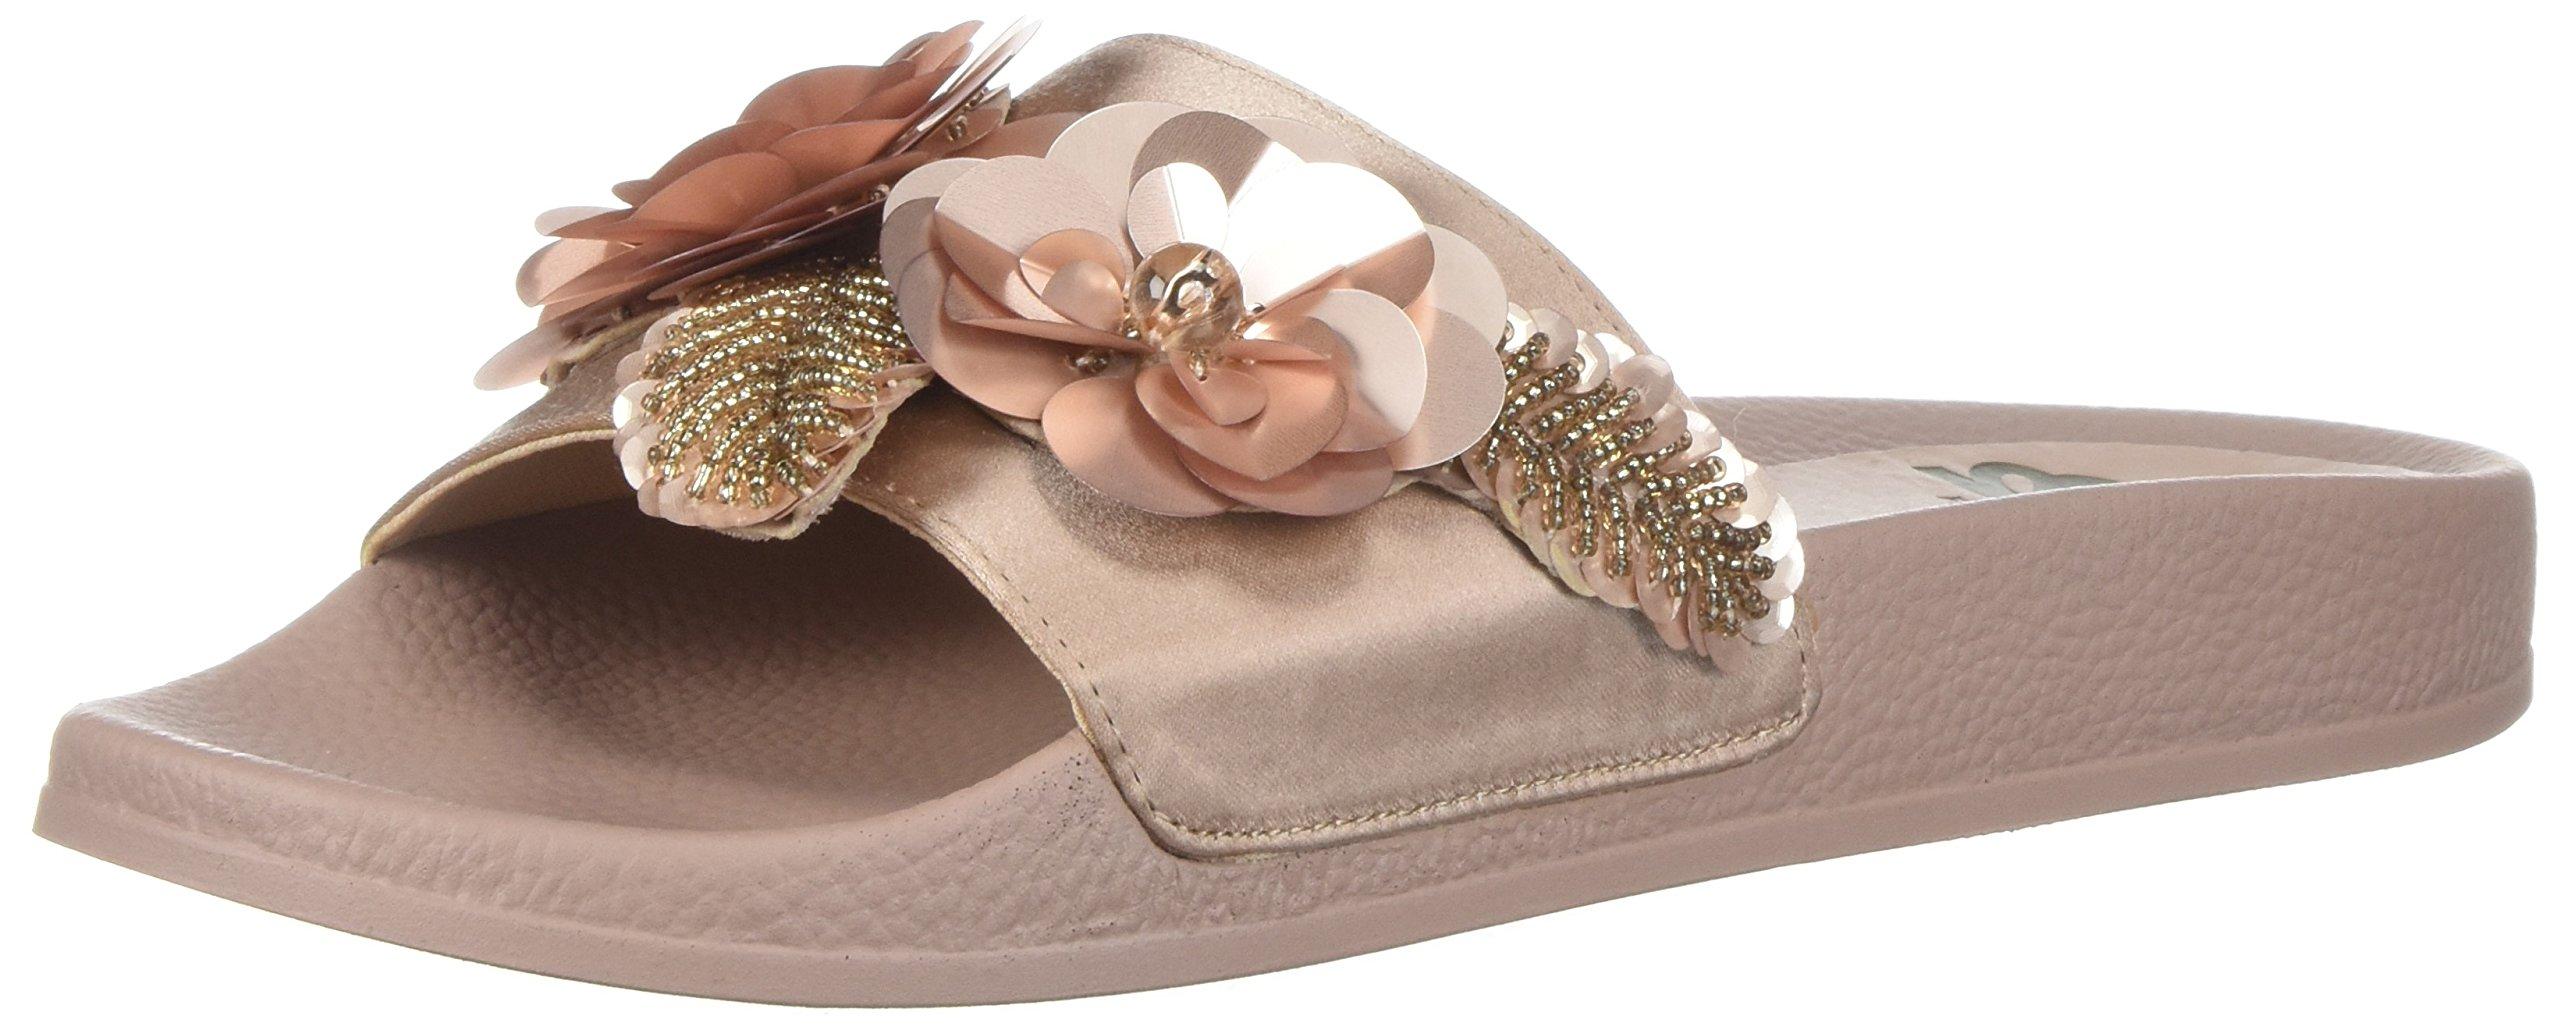 Fergalicious Women's Flame Slide Sandal, Cotton Candy, 10 M US